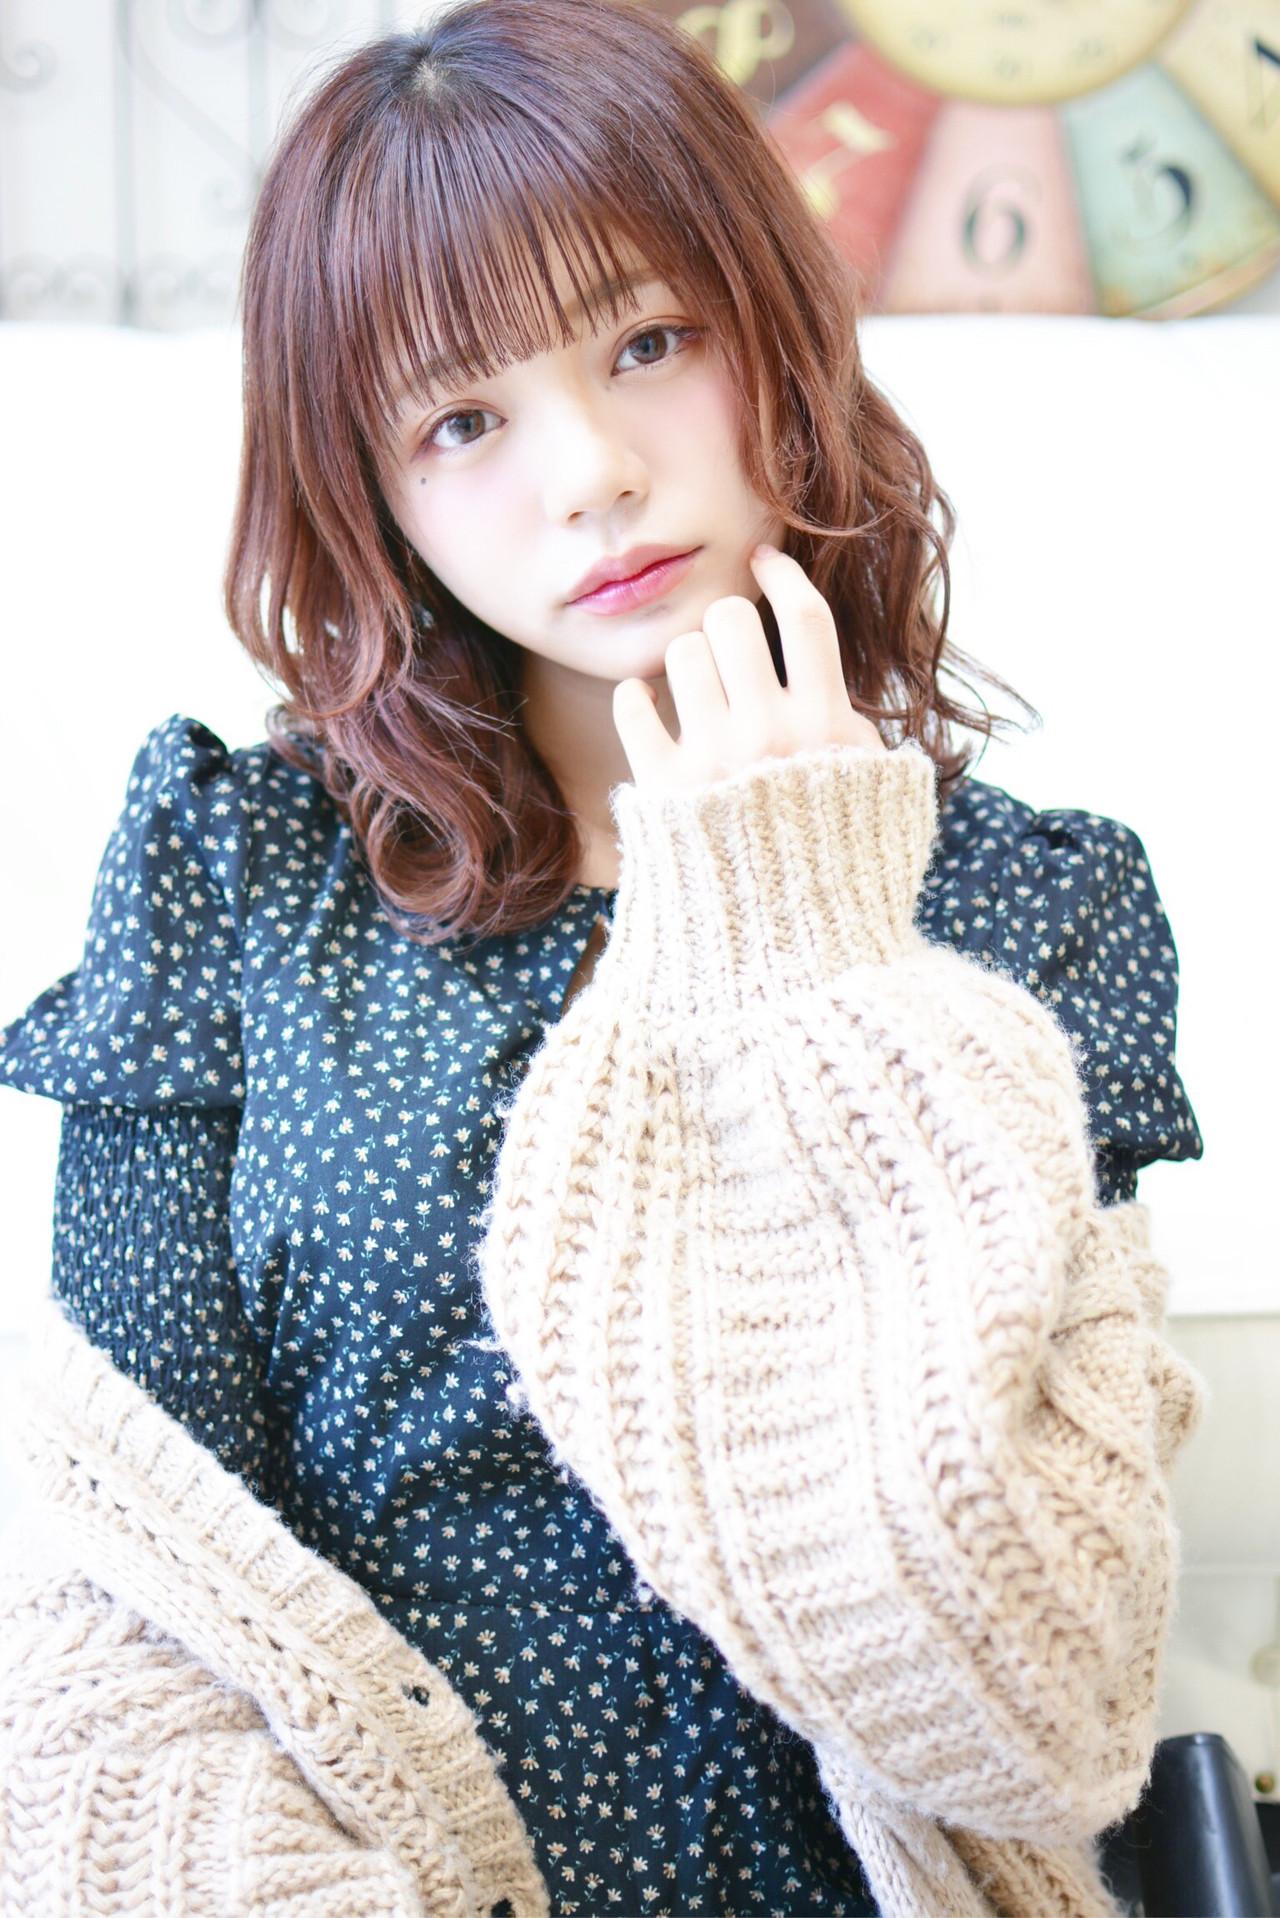 ミディアム ヘアカラー ぱっつん シースルーバング ヘアスタイルや髪型の写真・画像